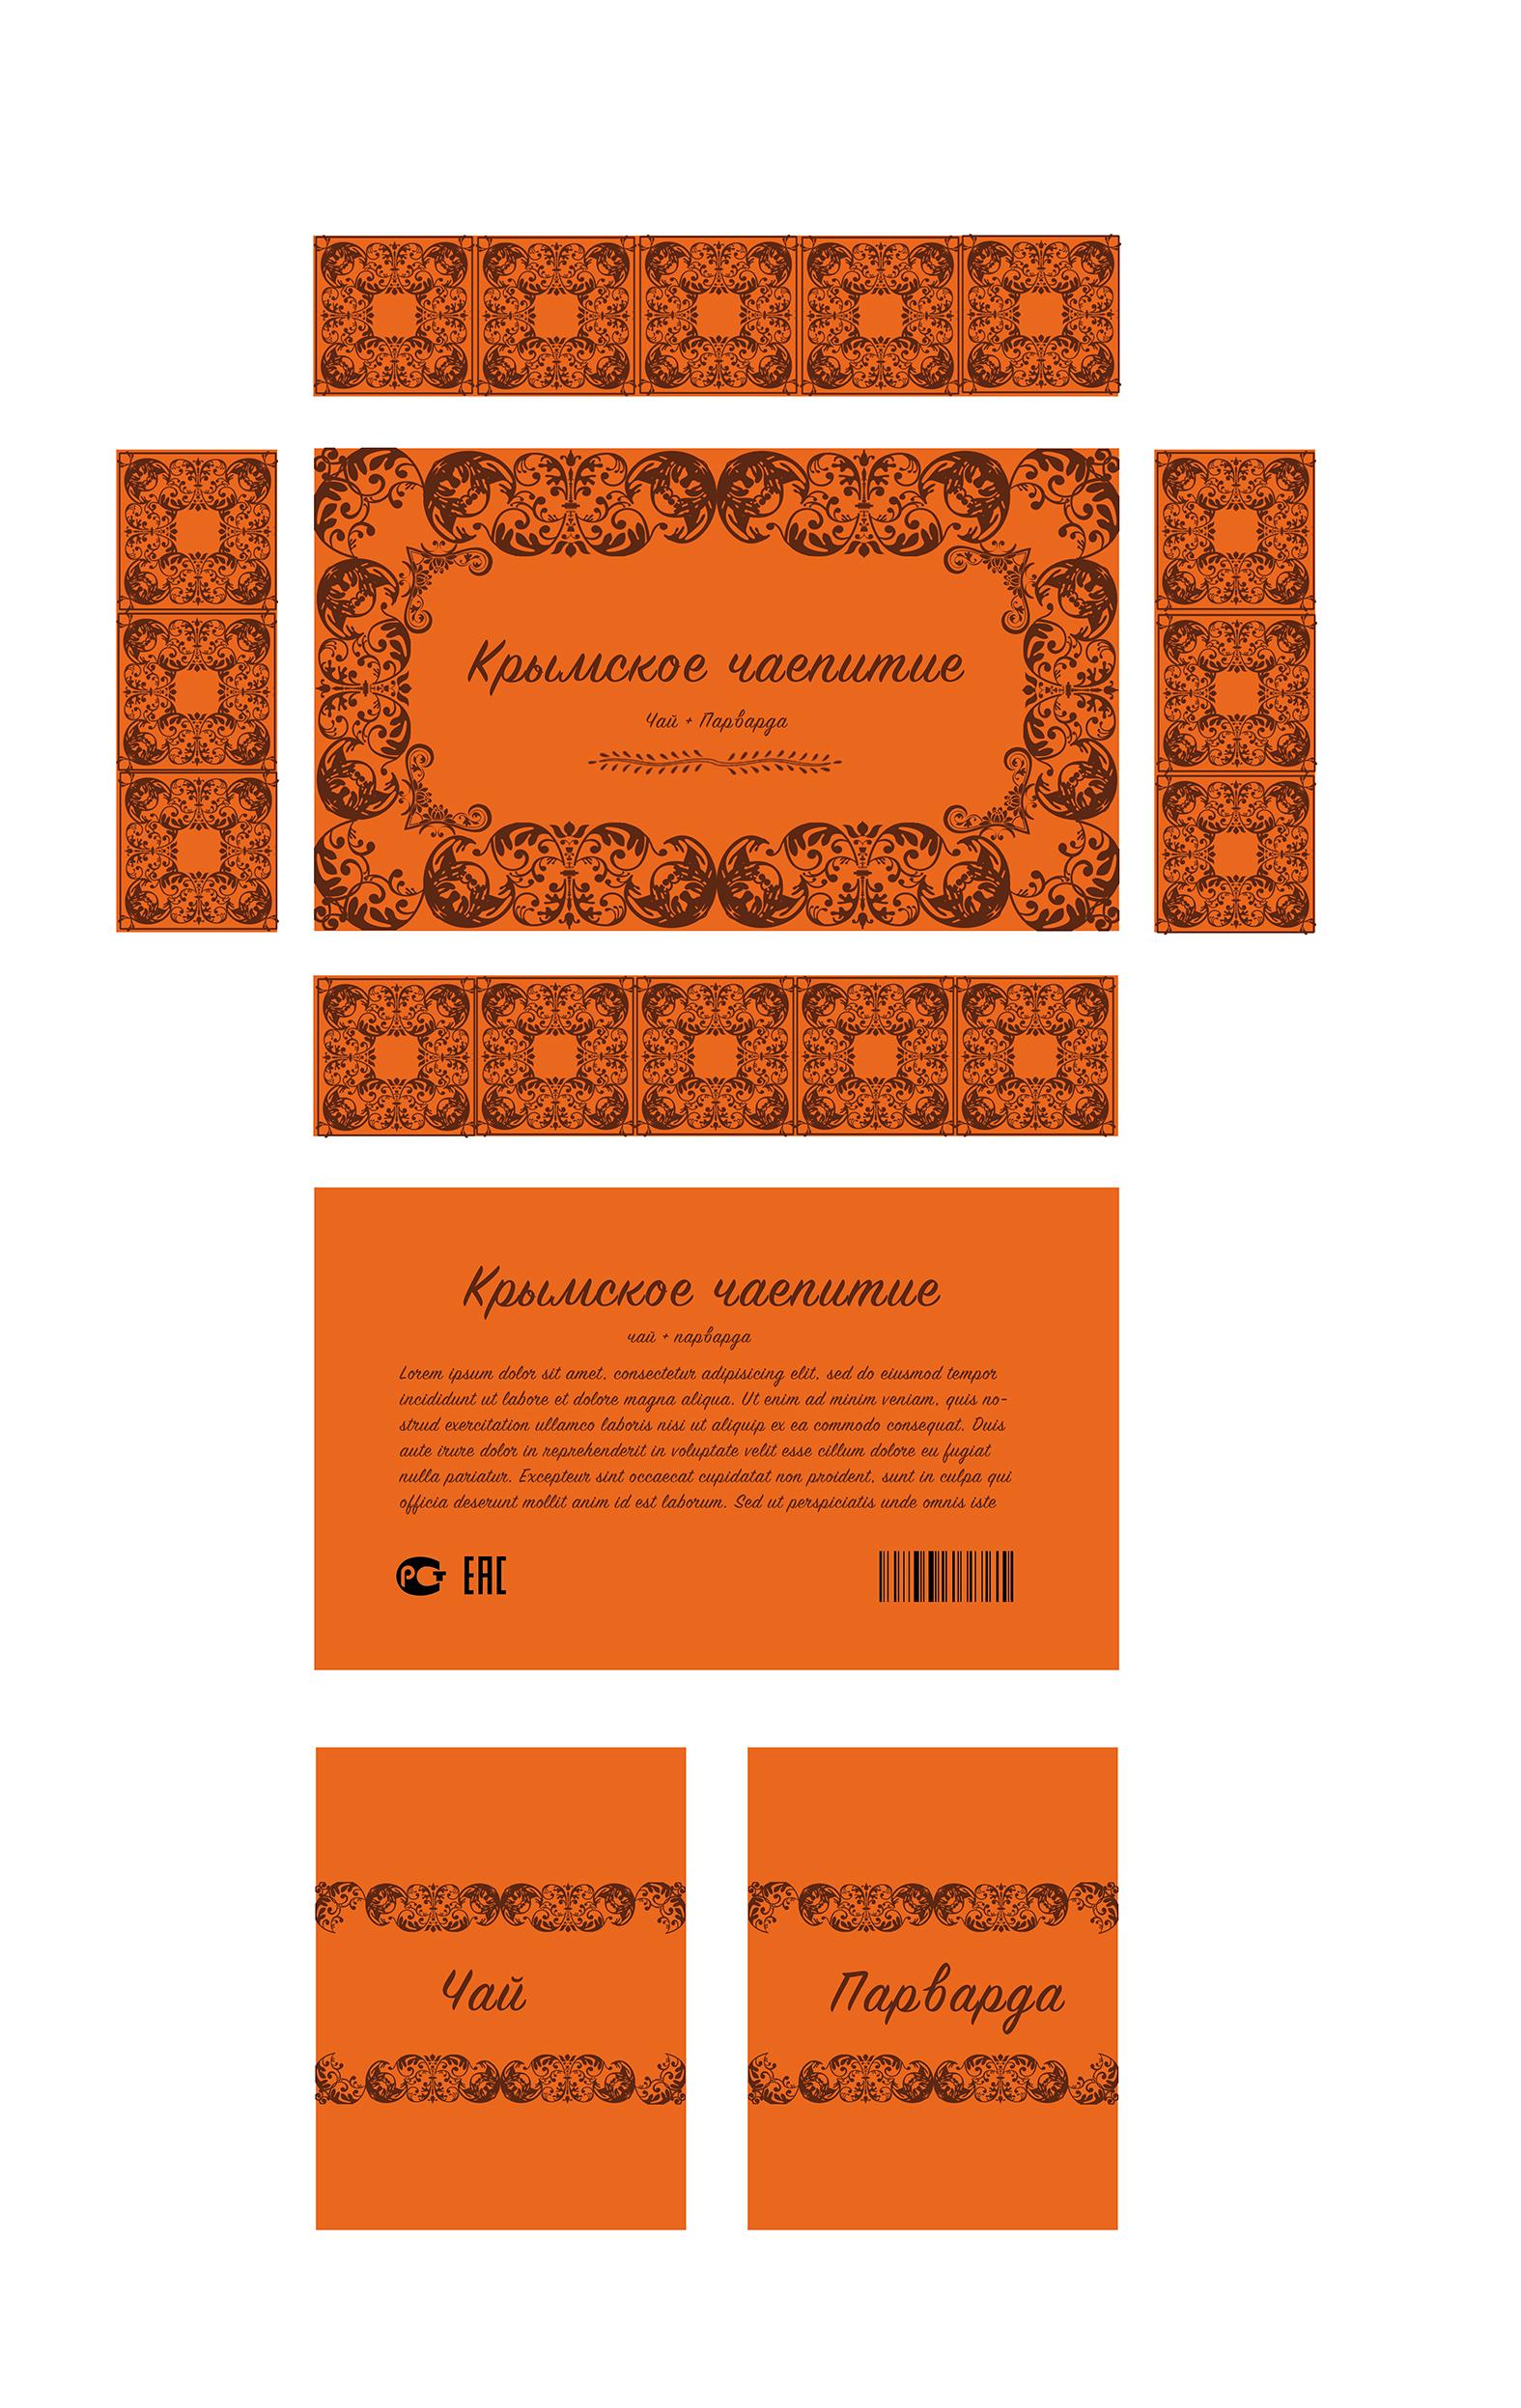 Дизайн коробки сувенирной  чай+парварда (подарочный набор) фото f_7325a5361fdd0409.jpg